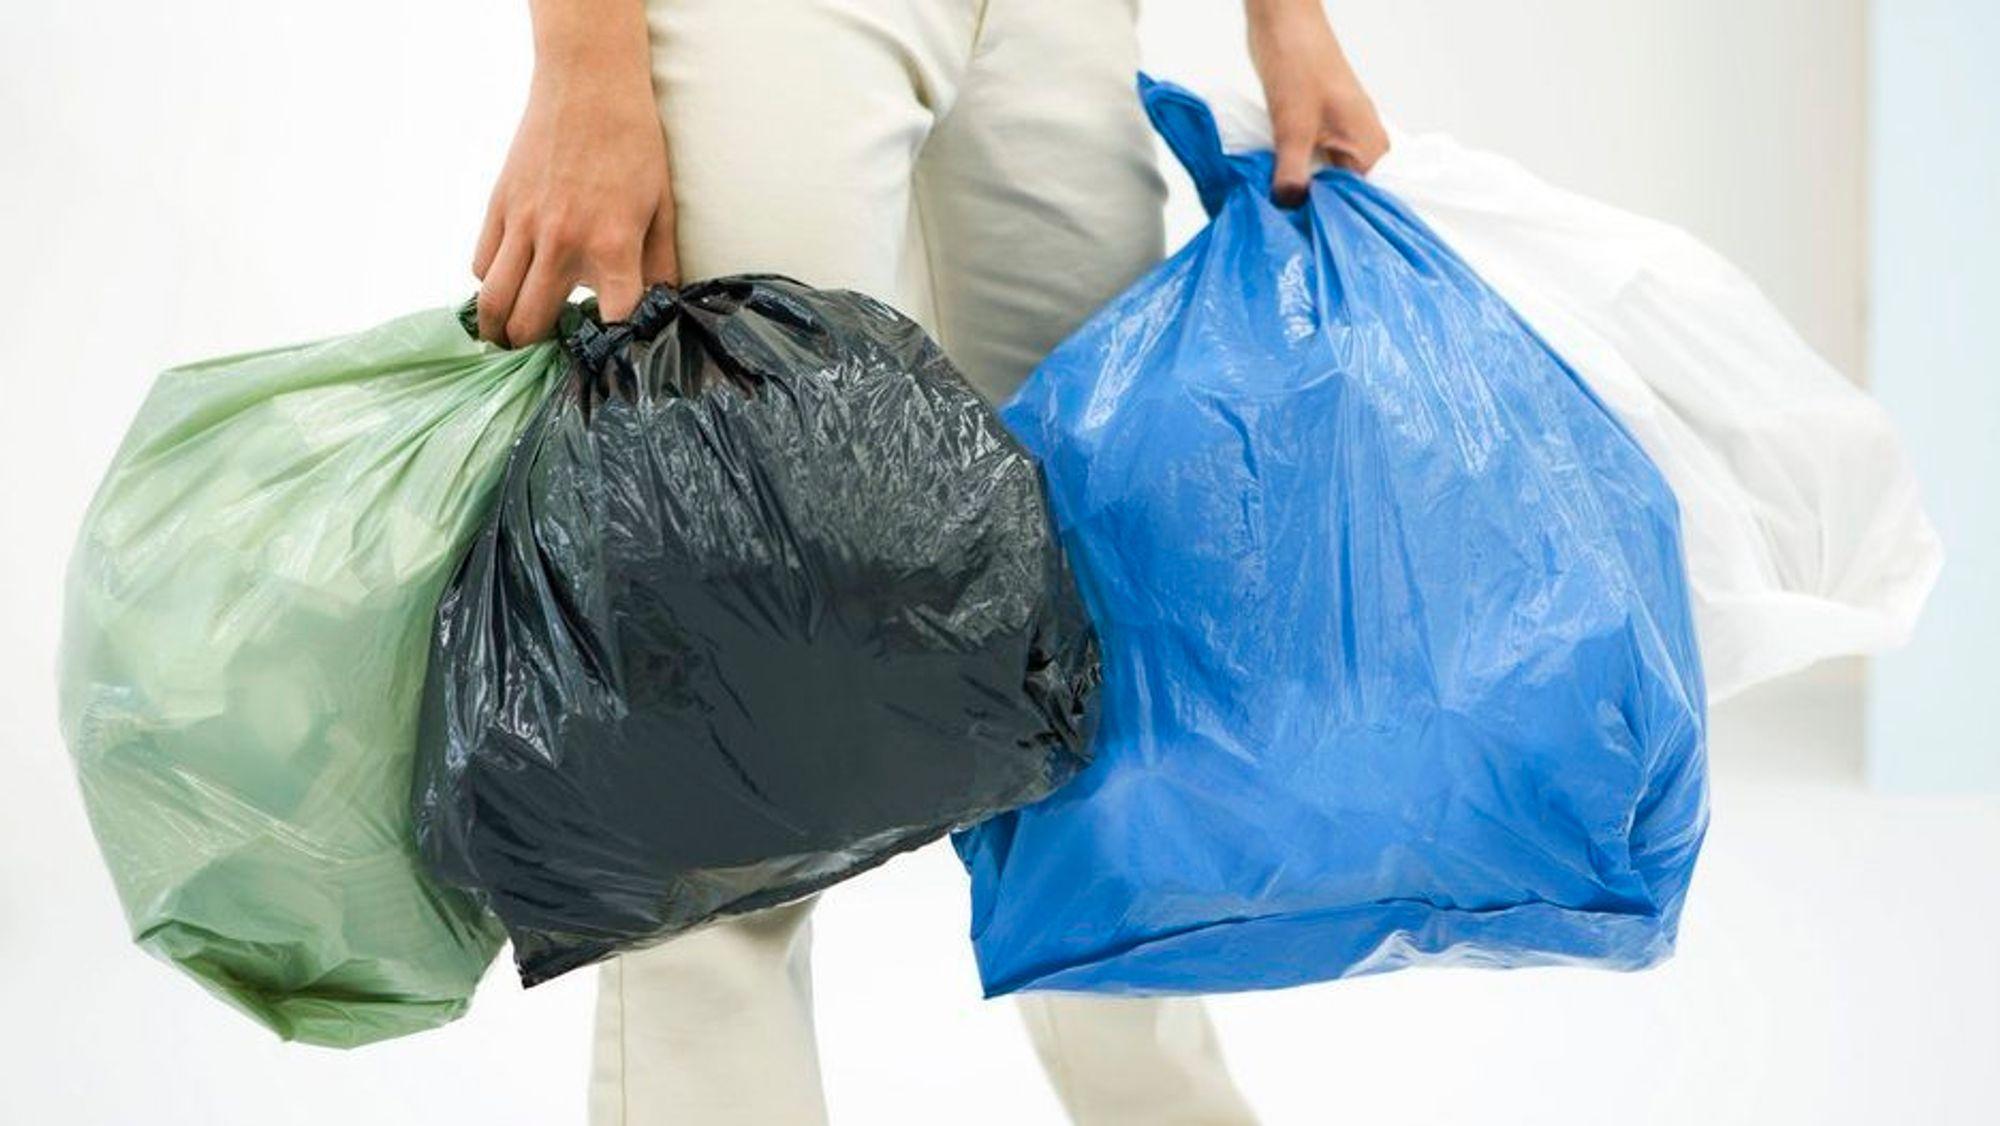 Tyskland skal nå se på et forbud mot plastposer i landet. Fra før har EU vedtatt forbud mot en rekke andre engangsartikler i plast.